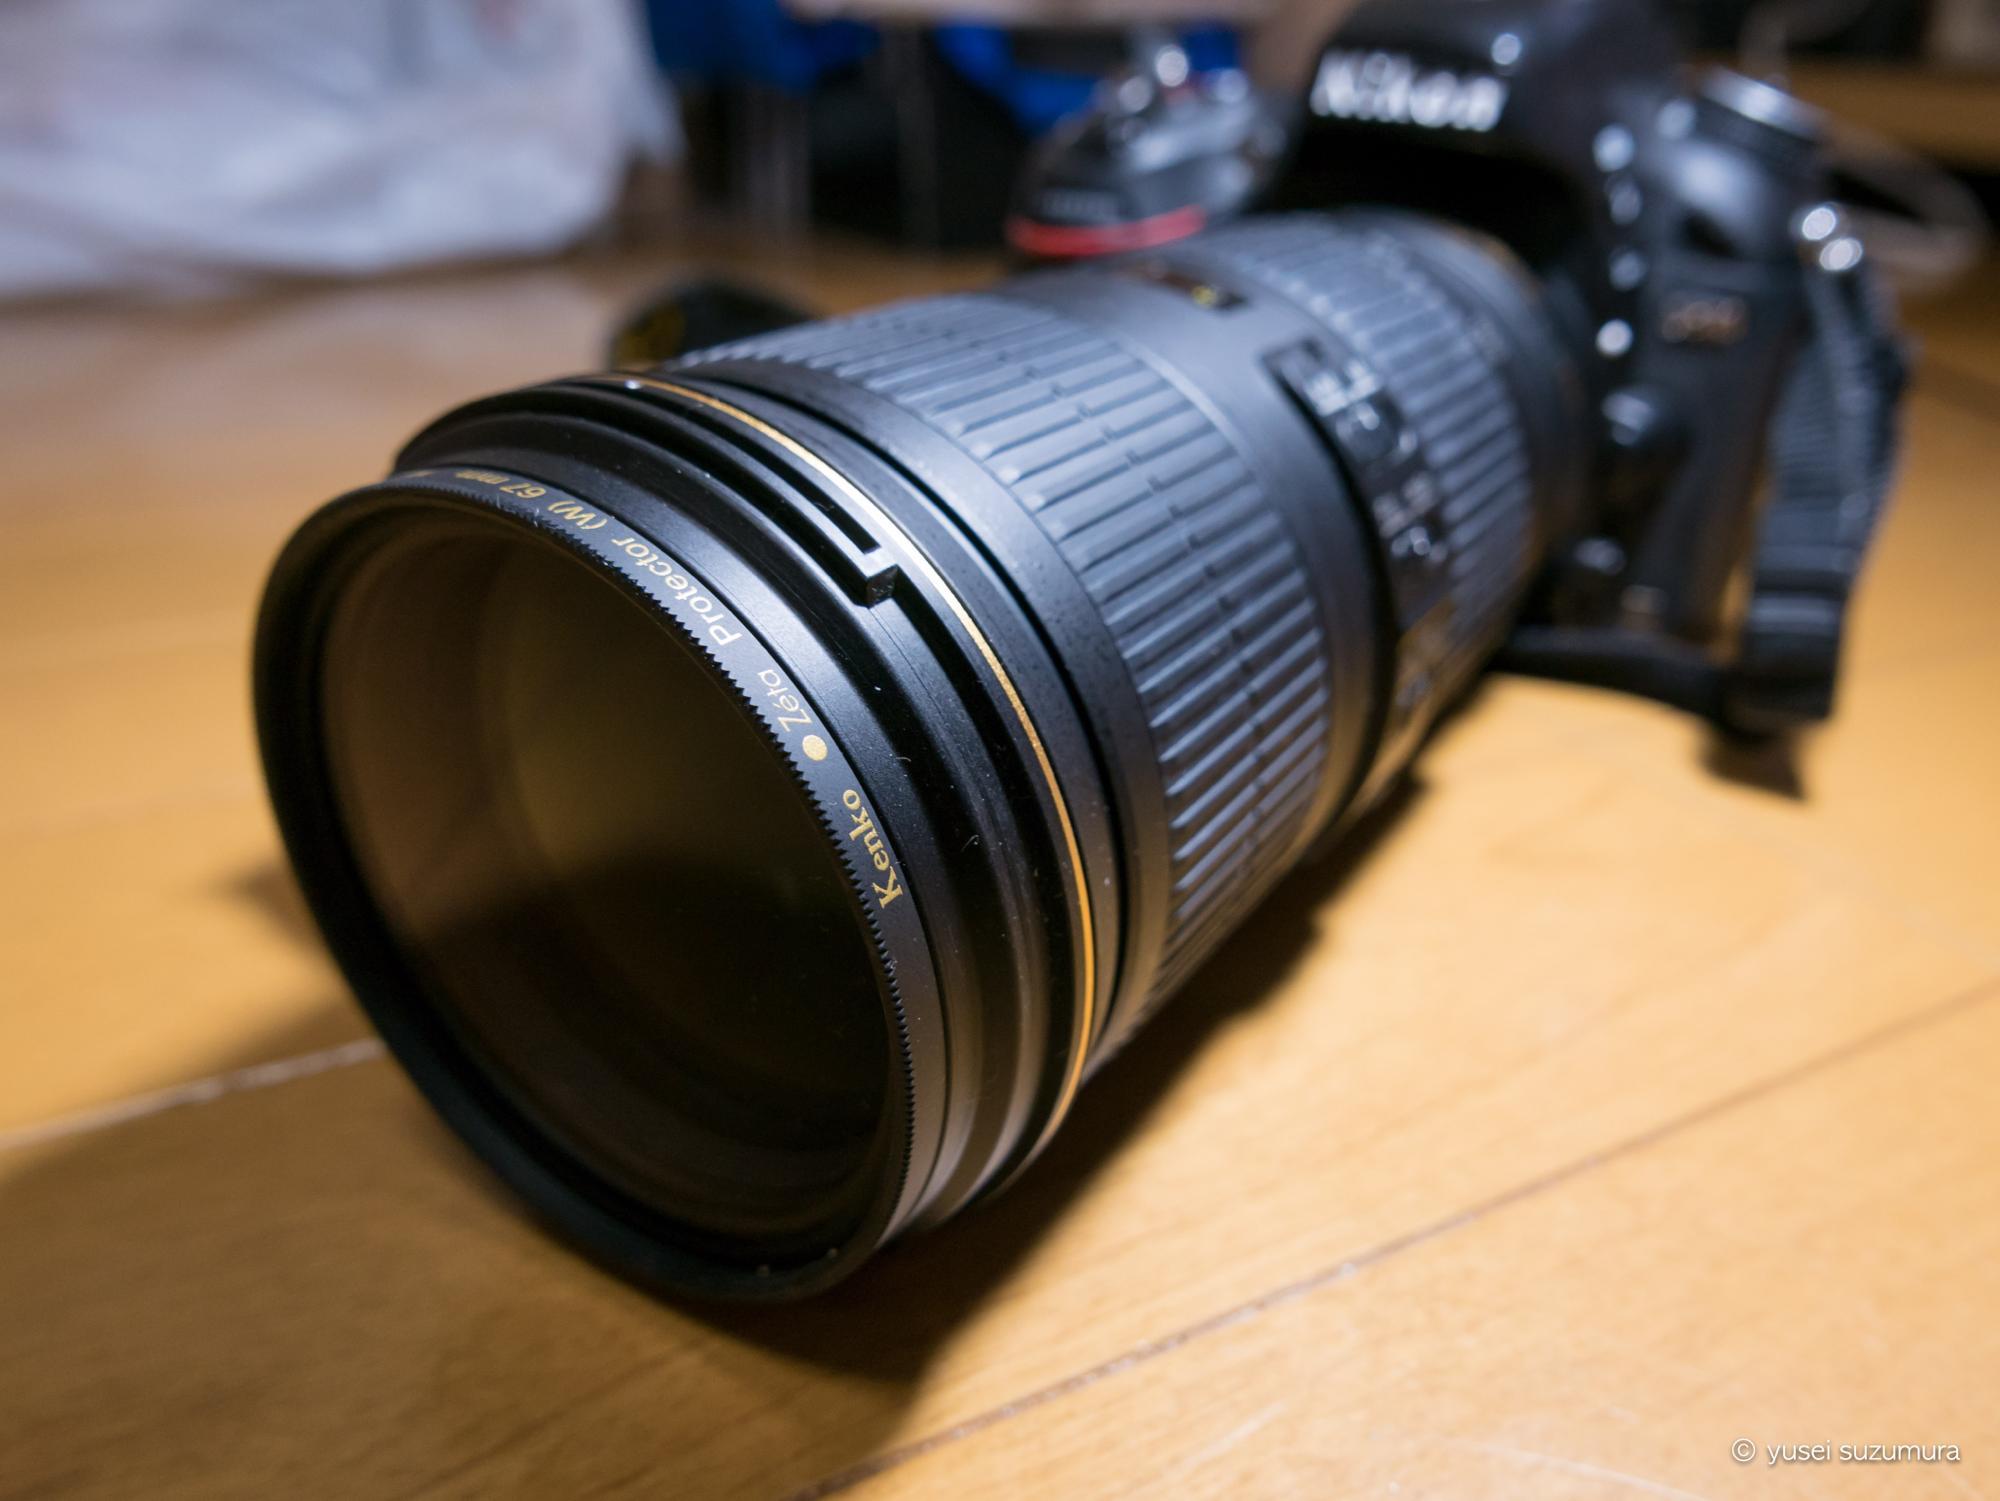 僕が大三元F2.8ではなくAF-S NIKKOR 70-200mm f/4G ED Vを購入した理由